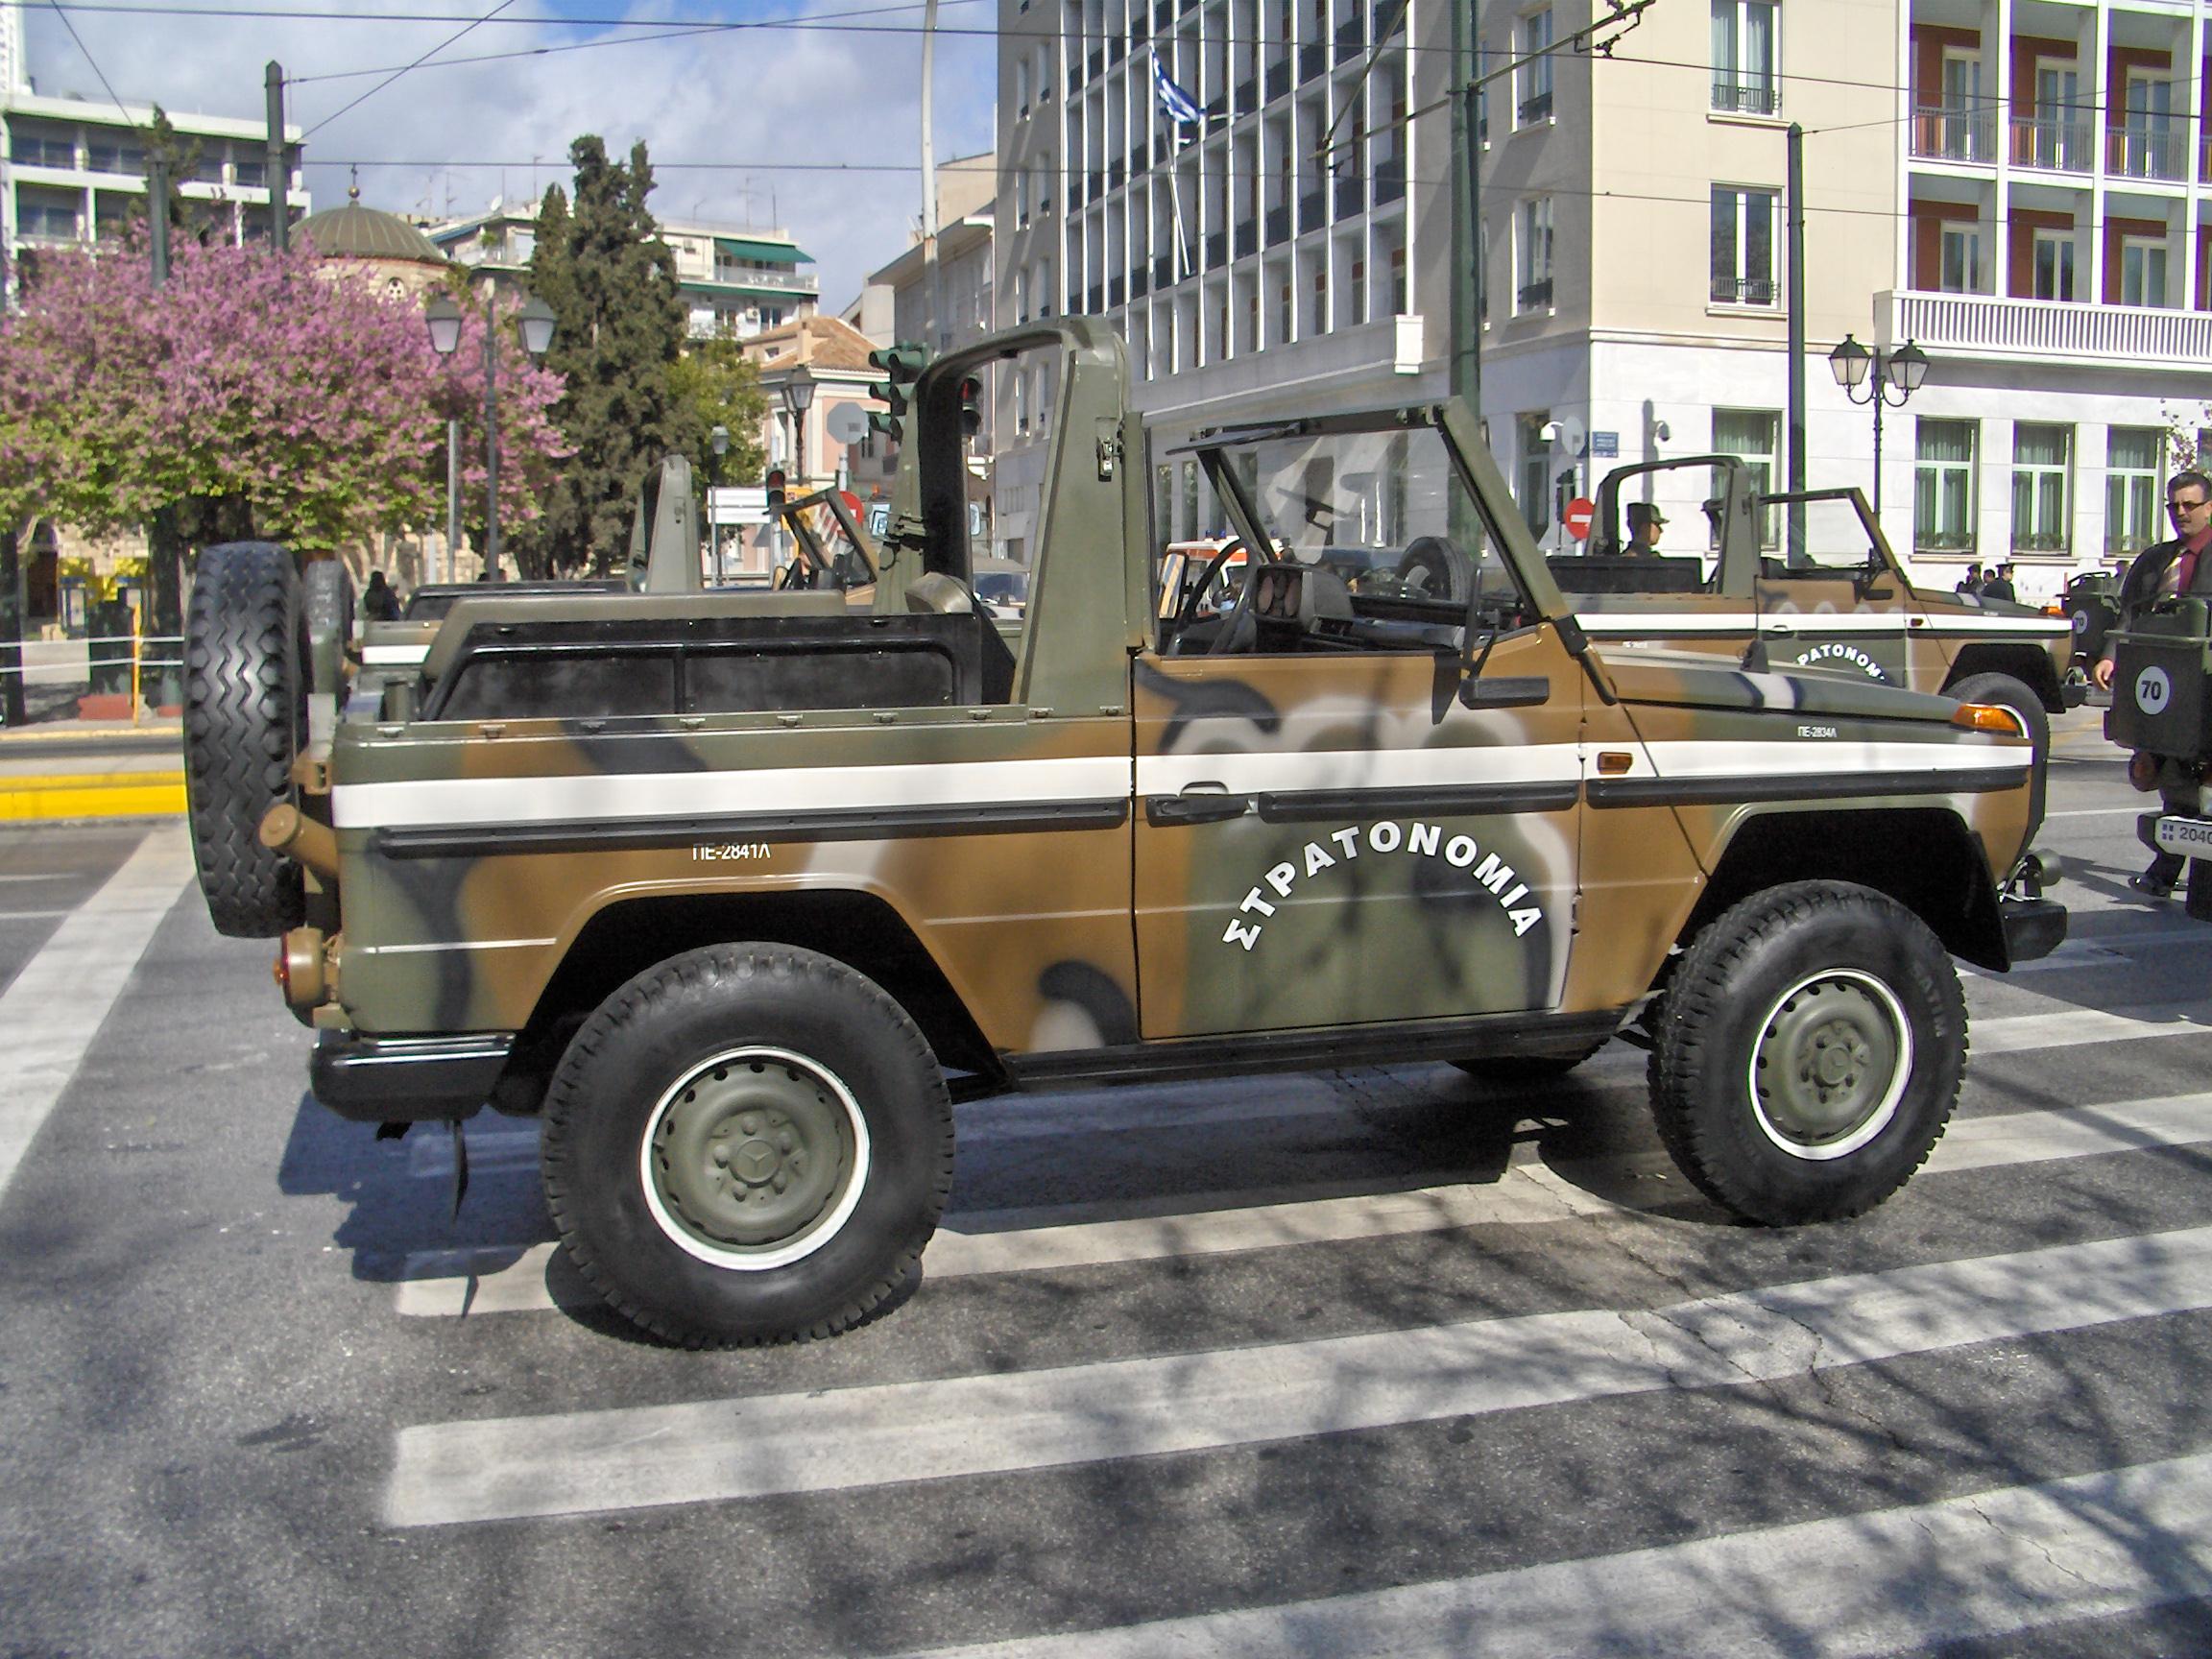 Mercedes benz g class military wiki fandom powered by for Mercedes benz military vehicles